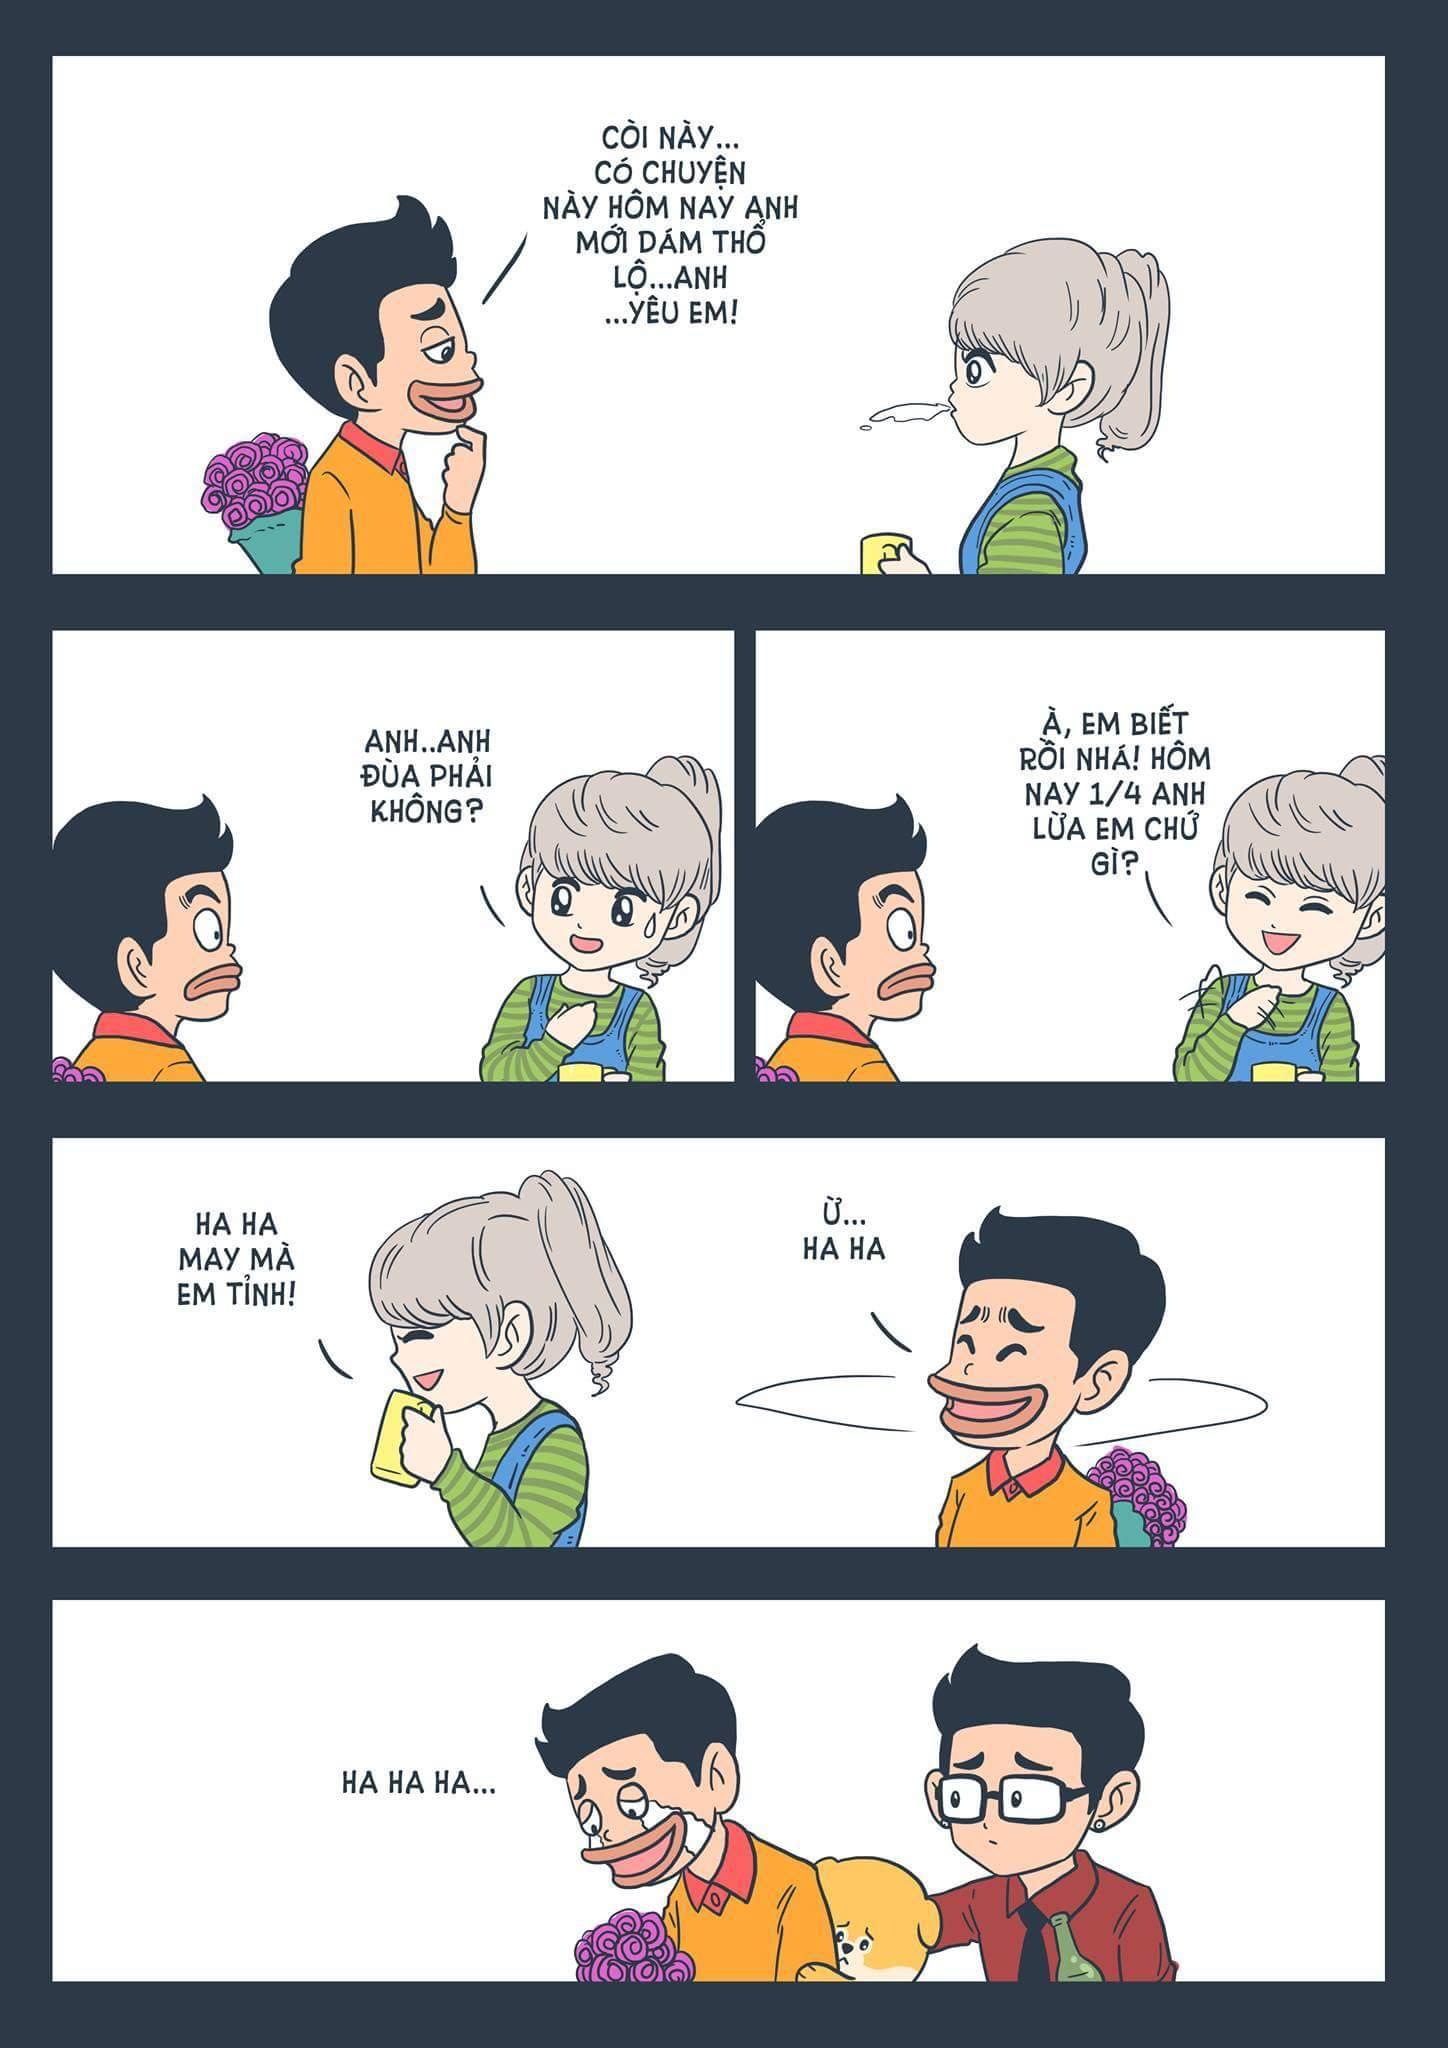 Haha. :(  #Méo | Nguồn: Thăng